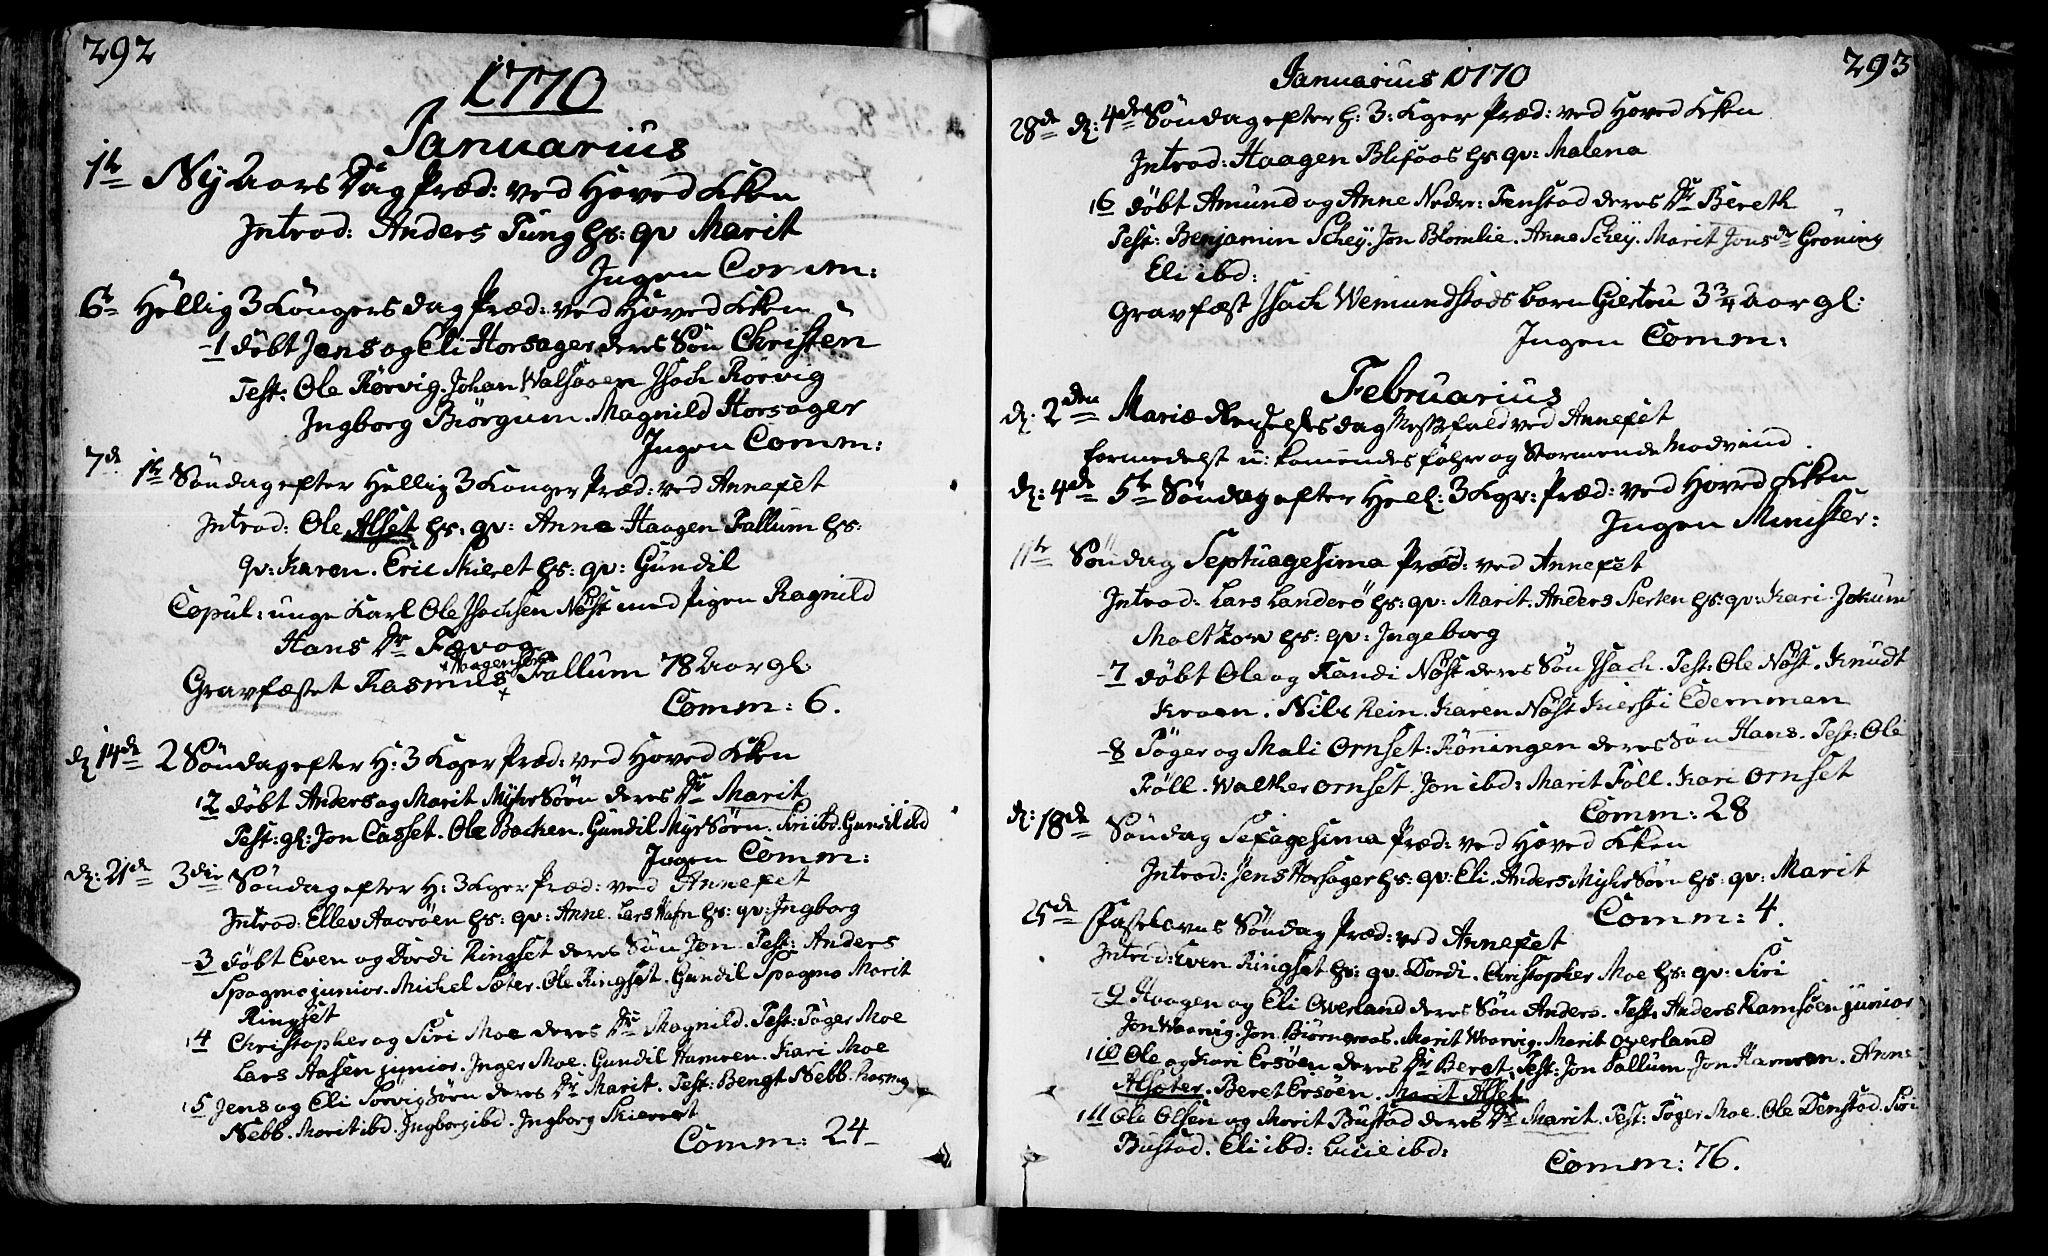 SAT, Ministerialprotokoller, klokkerbøker og fødselsregistre - Sør-Trøndelag, 646/L0605: Ministerialbok nr. 646A03, 1751-1790, s. 292-293